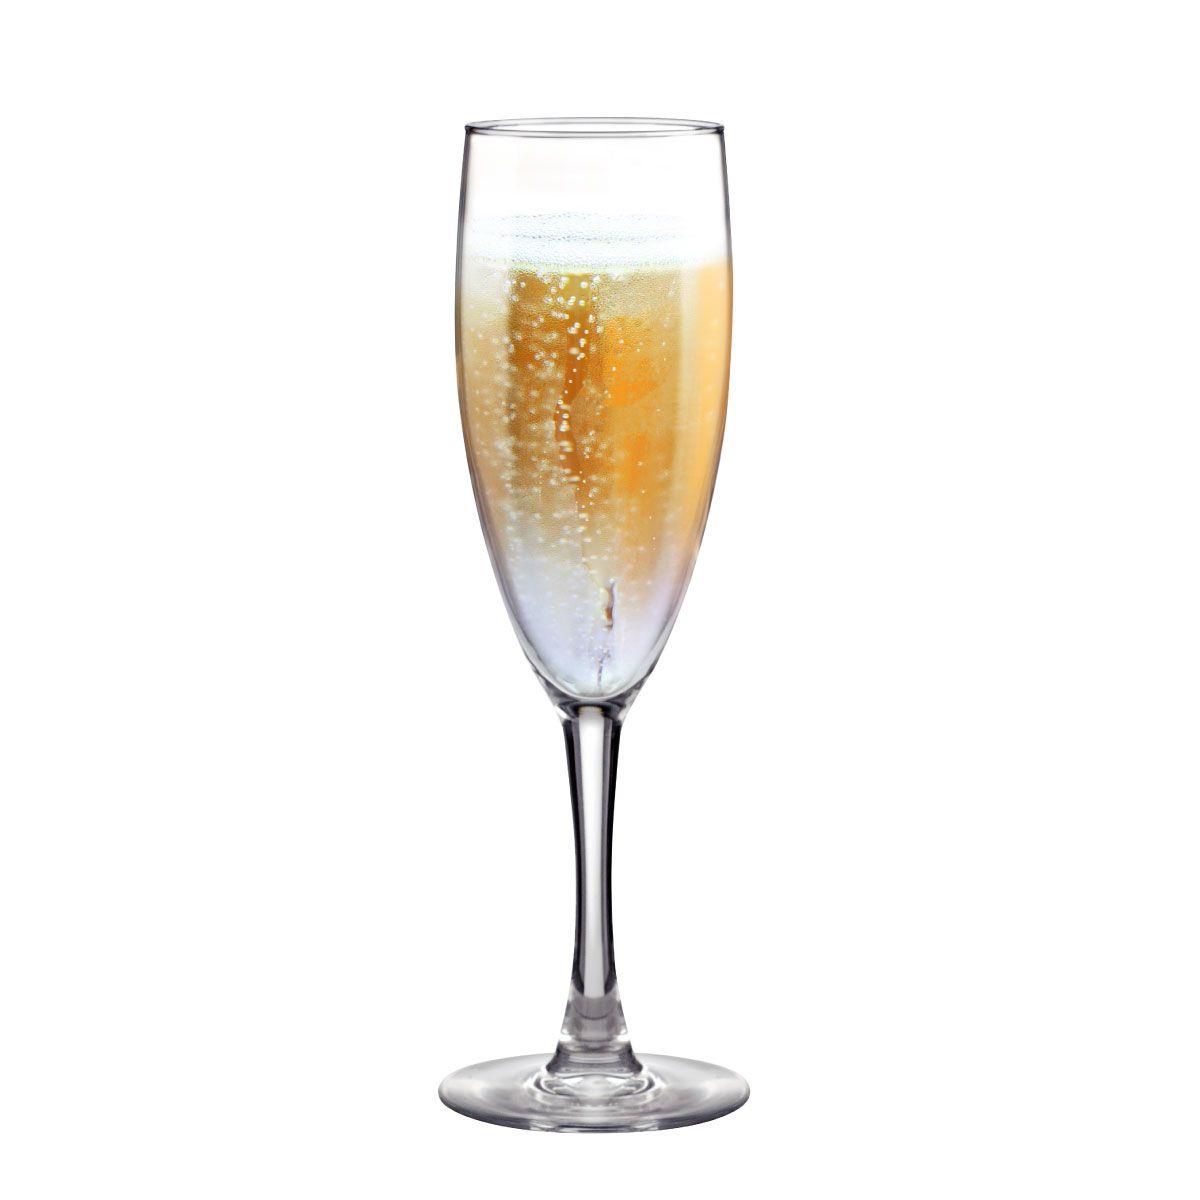 Taça Bourbon Champagne Temperado 150ml R$15.83 a unid. (Caixa com 24 unidades)